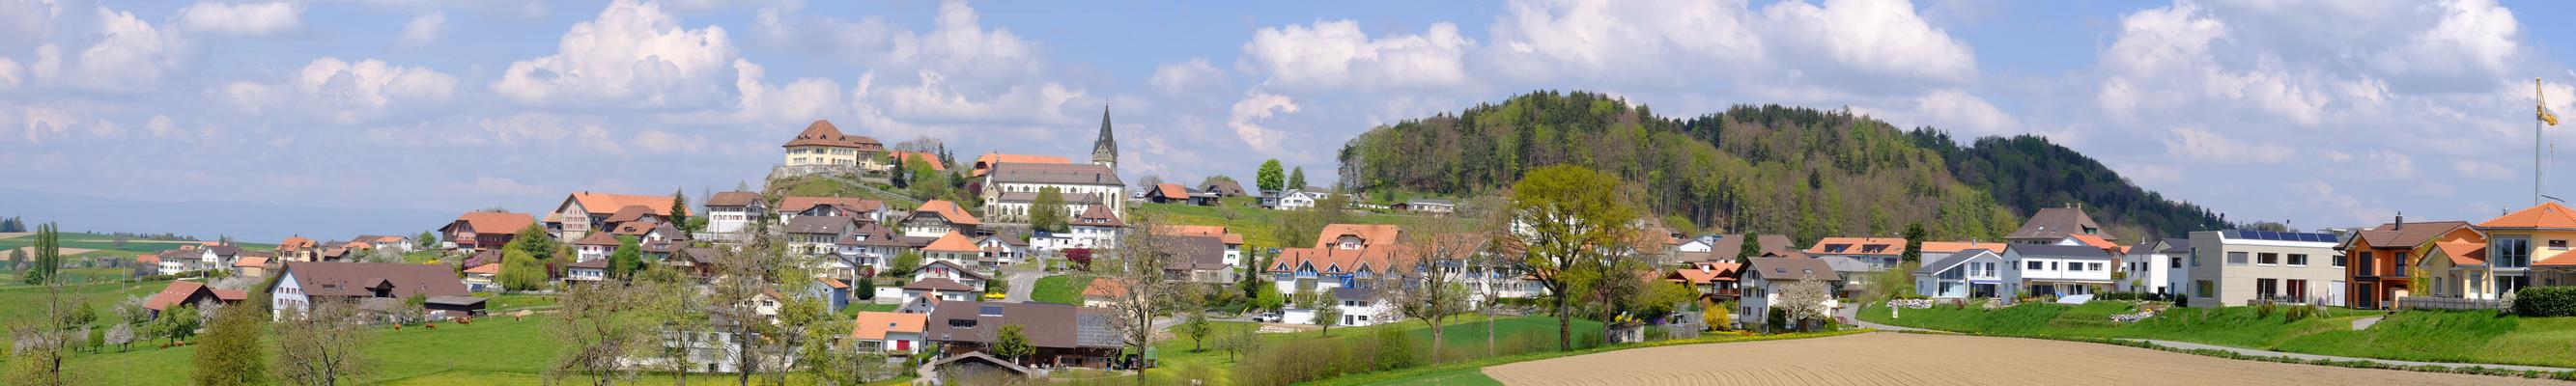 Heitenried Schweiz